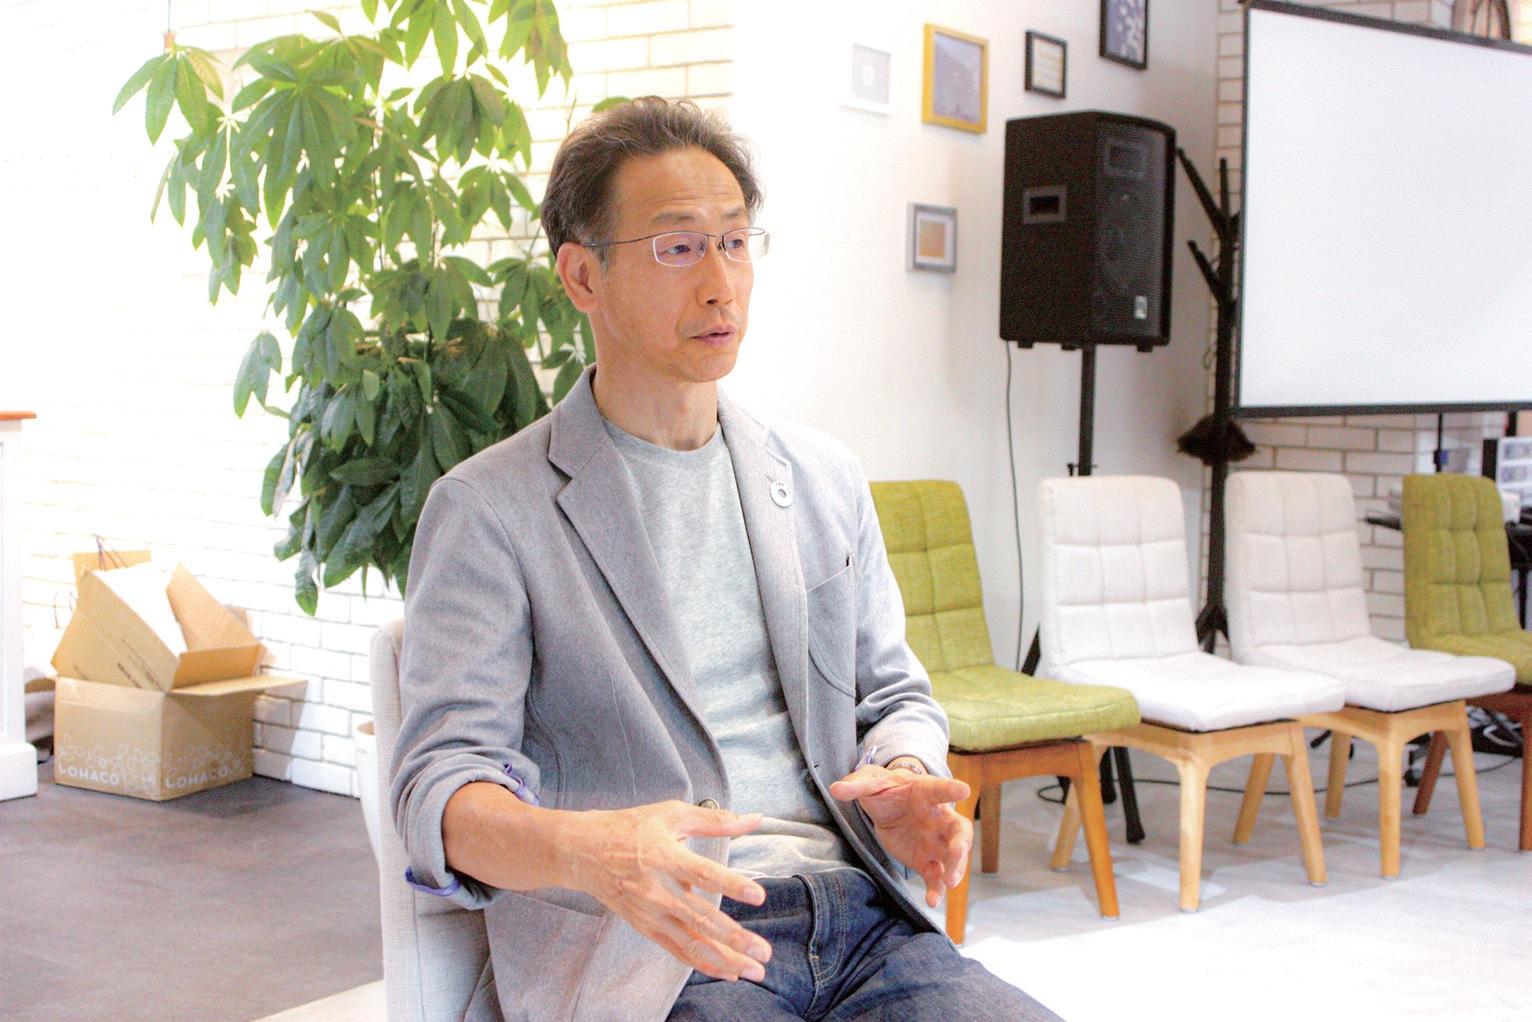 【マーケターインタビュー】日本メディアが積極的に報じないSDGsの現状と中小企業の取り組み方(2019年11月号)